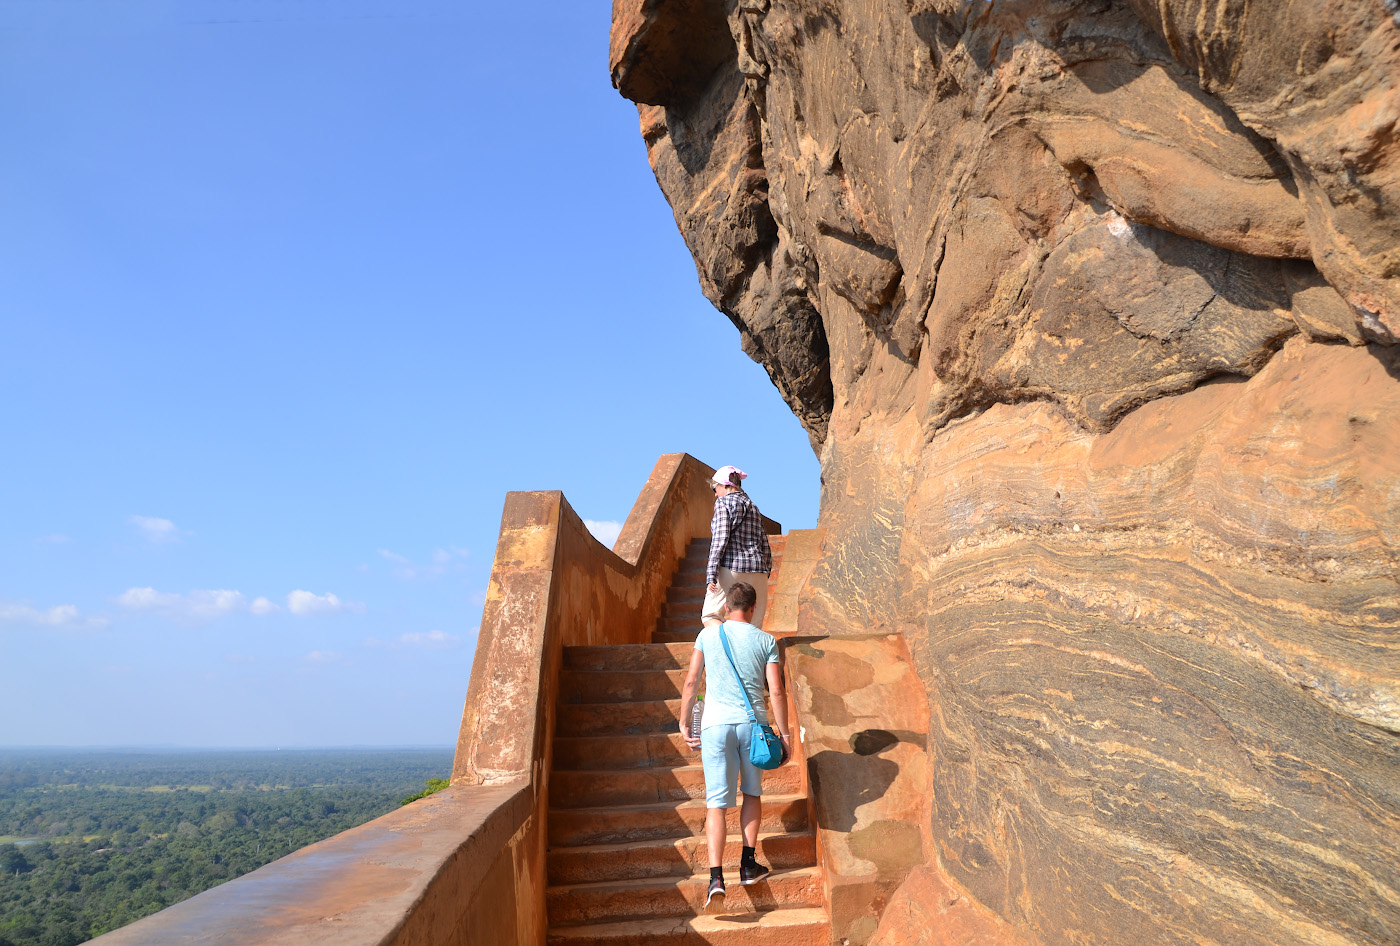 Фото 28. Трудный ли подъем на скалу Сигирия? Отзывы туристов об экскурсиях на Шри-Ланке. 1/320, 9, 100, 55.